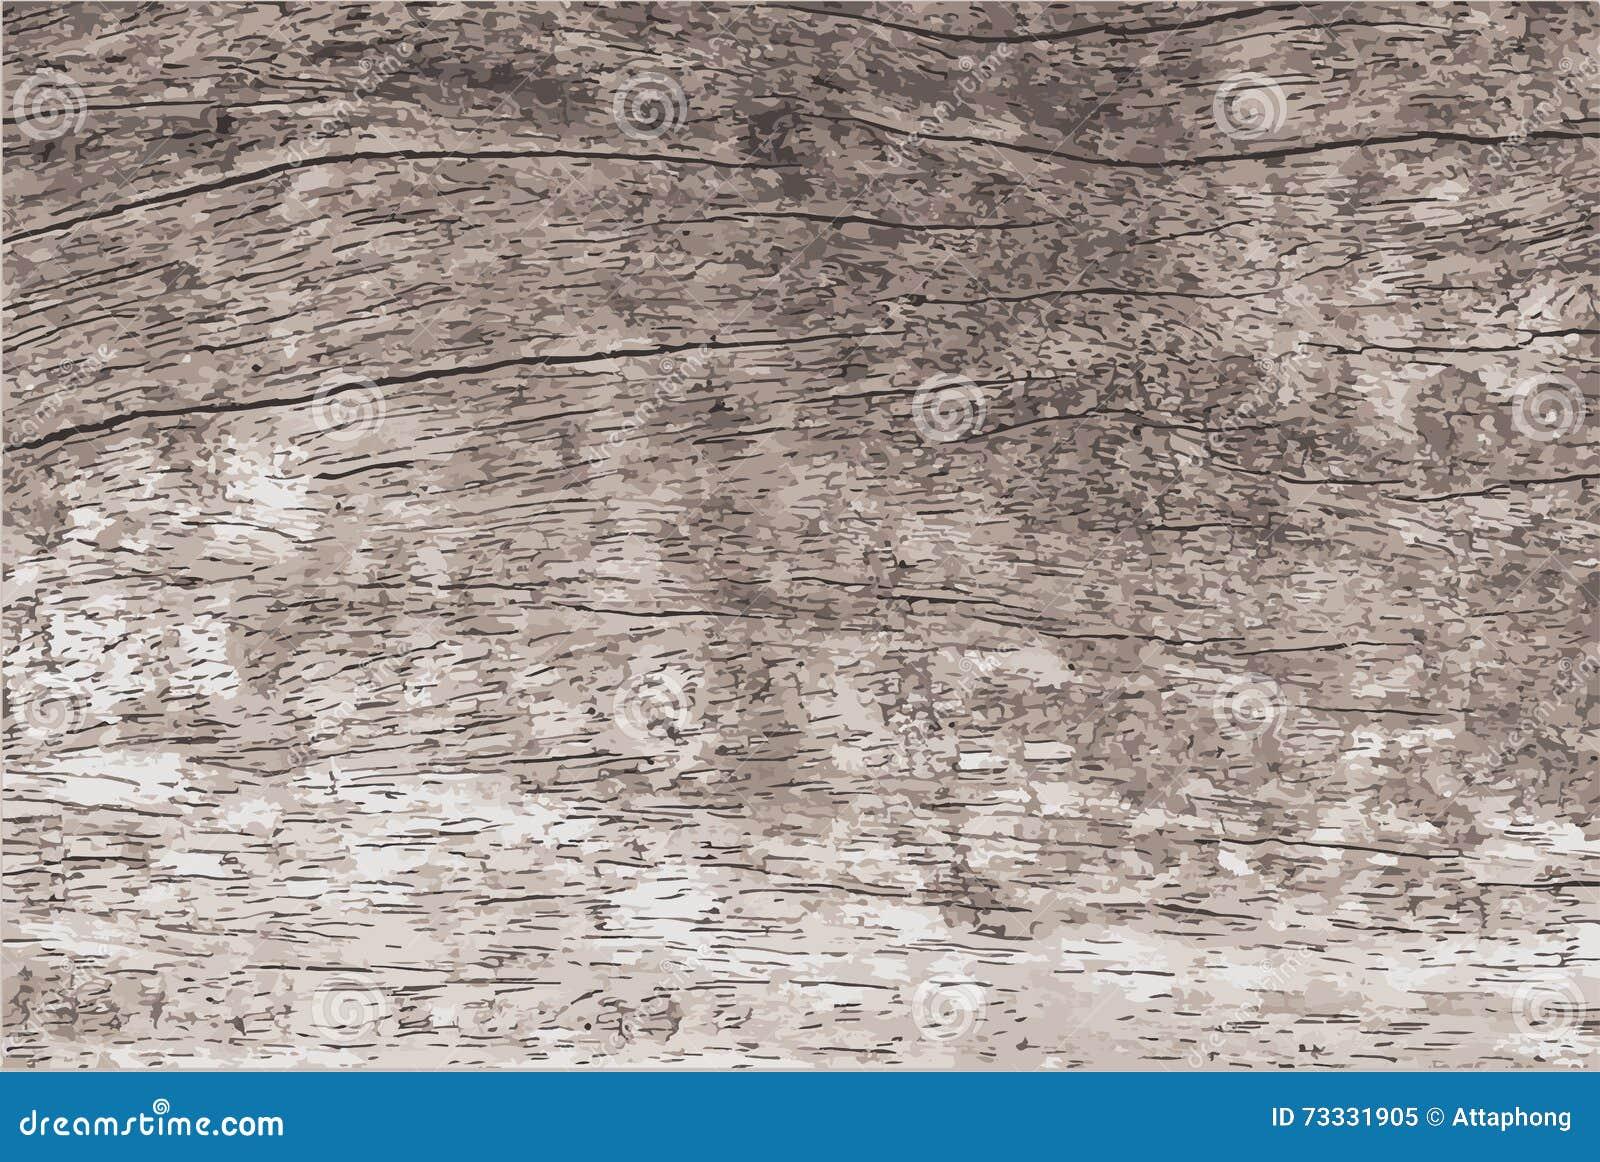 Textura de madera con vector natural del modelo